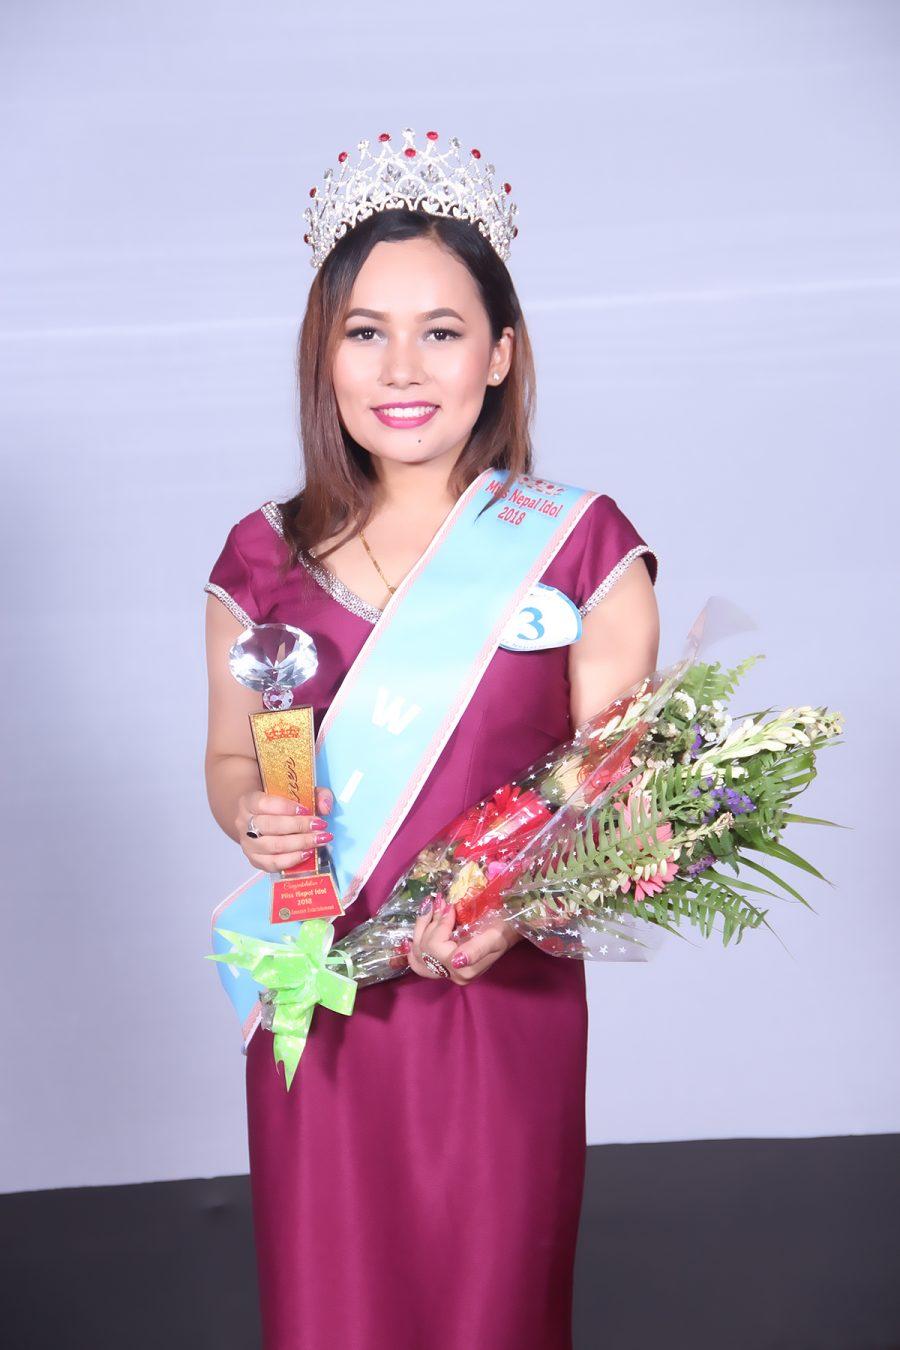 मेरिना ले जितिन 'मिस नेपाल आईडल २०१८' मिस नेपाल आईडलको ताज